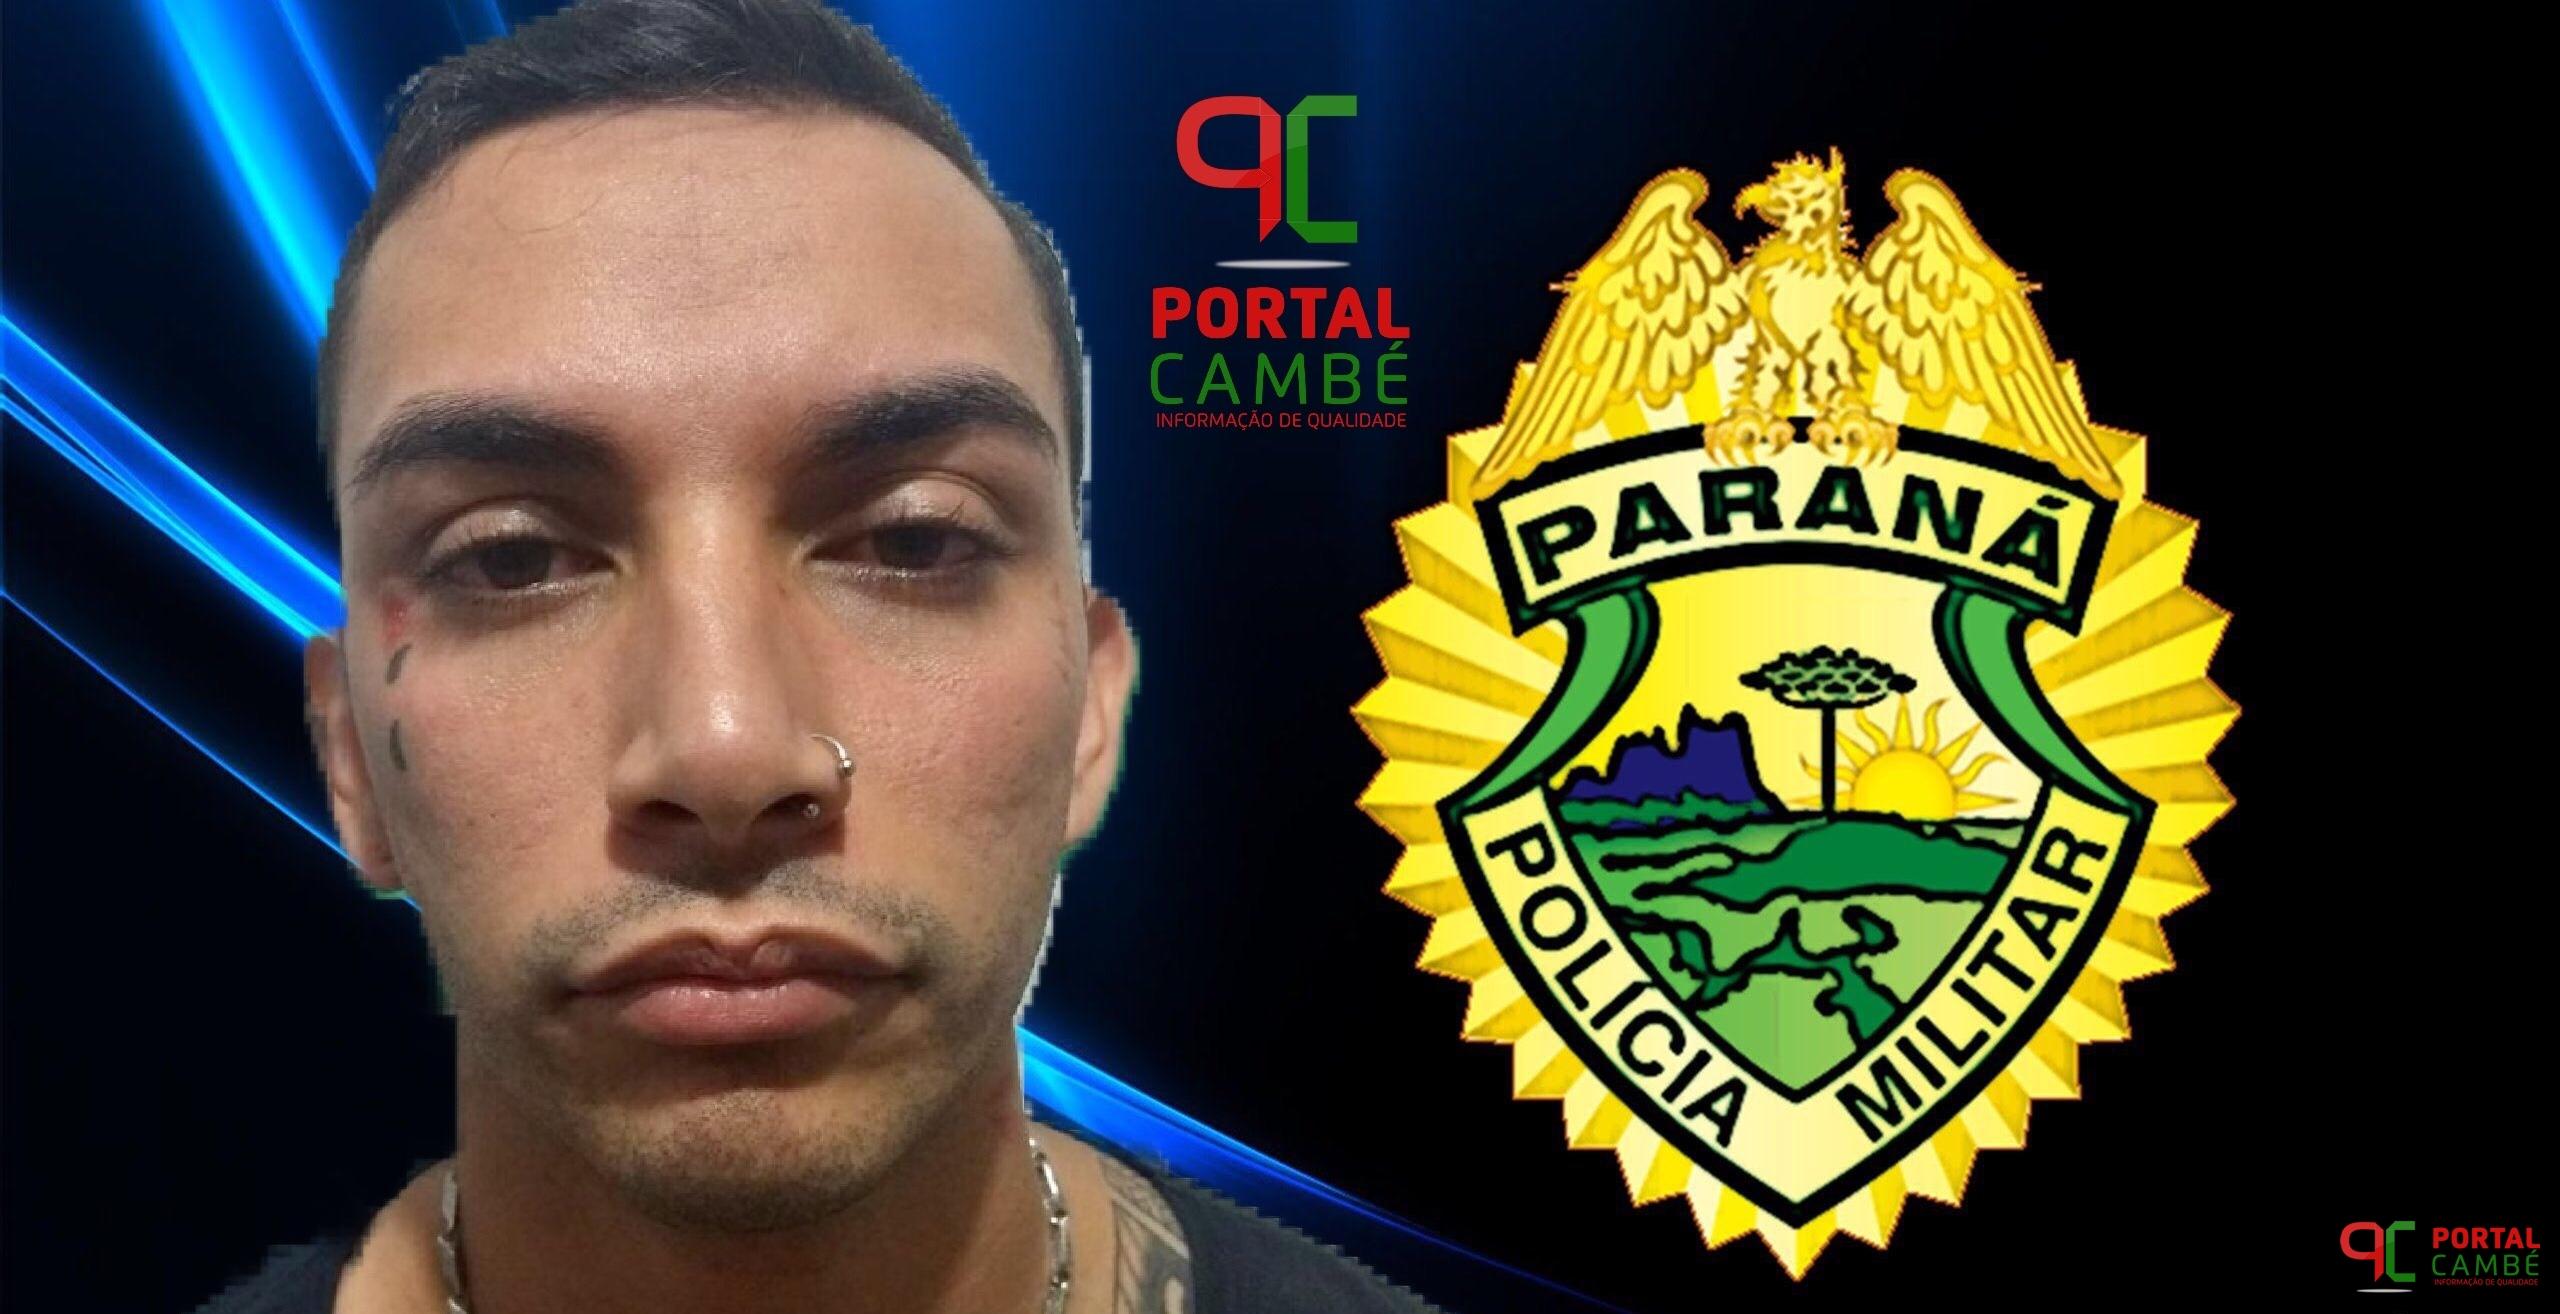 Polícia Militar prende homem por porte ilegal de arma de fogo no Centro de Cambé